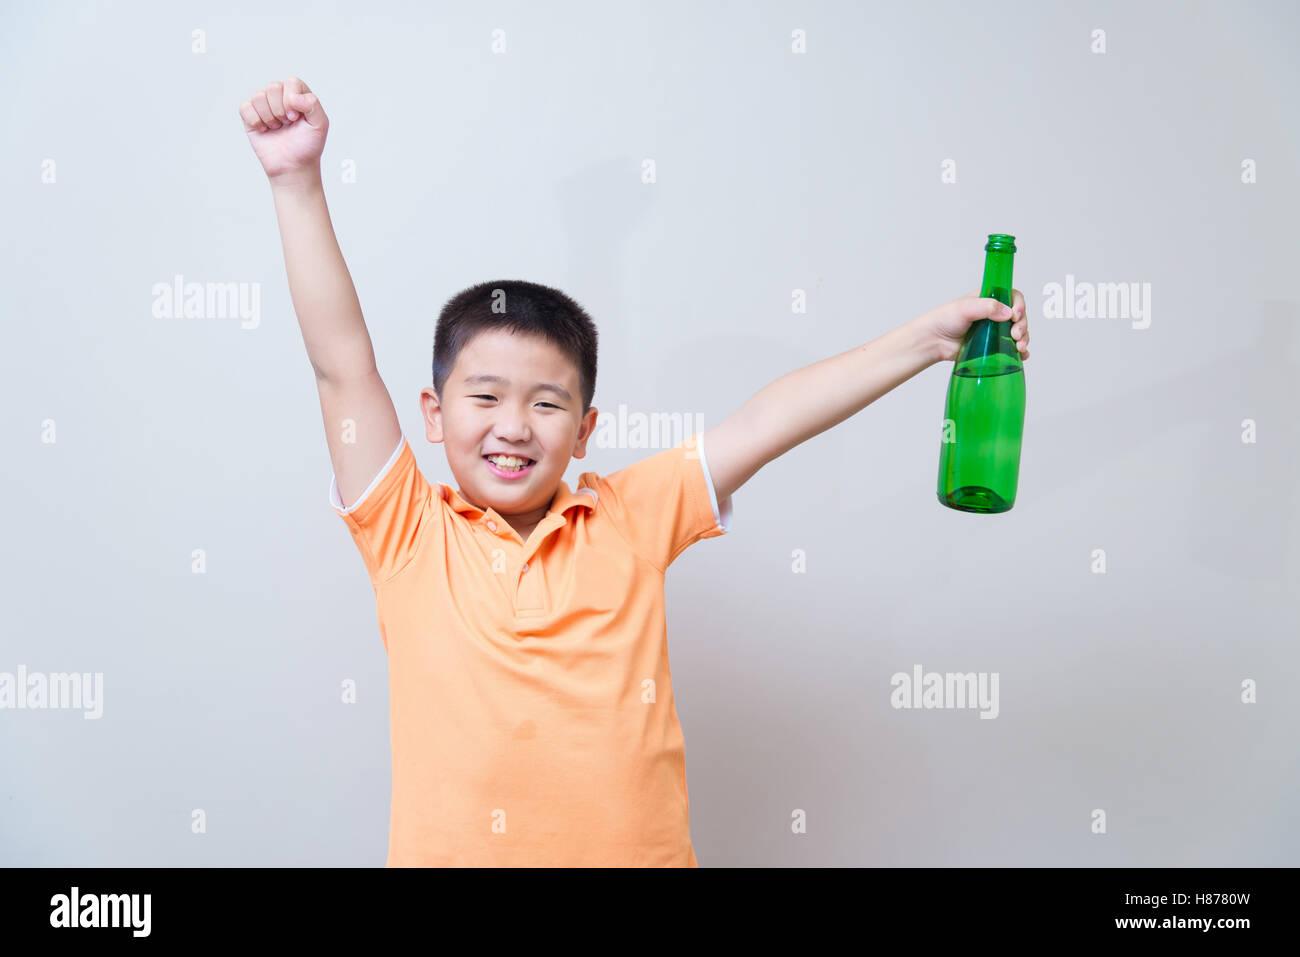 Green bottle wall stockfotos green bottle wall bilder - Rotwein an der wand ...